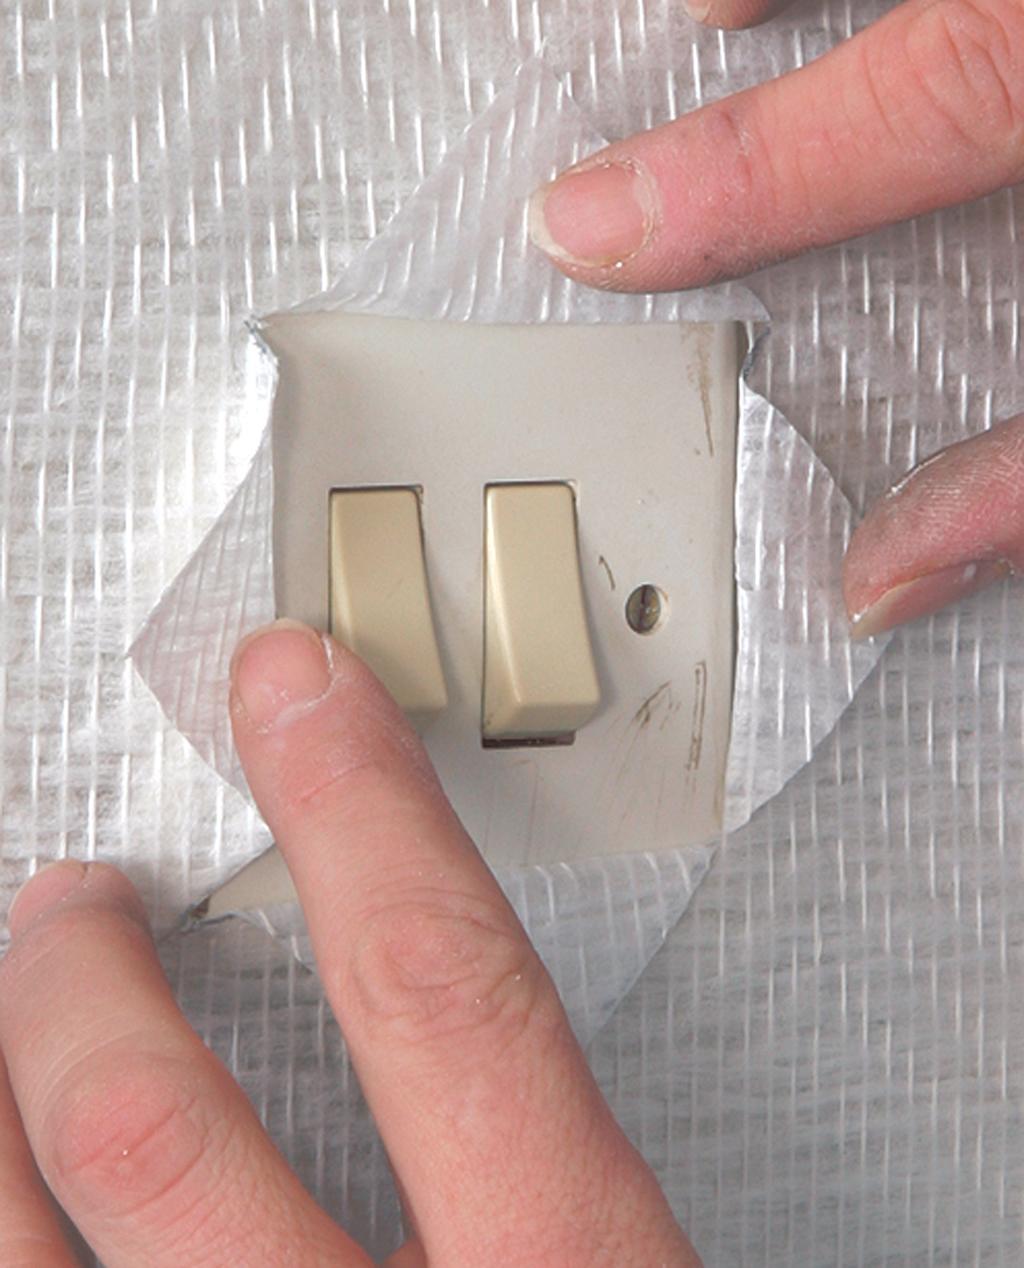 Poser du papier peint autour d'un interrupteur